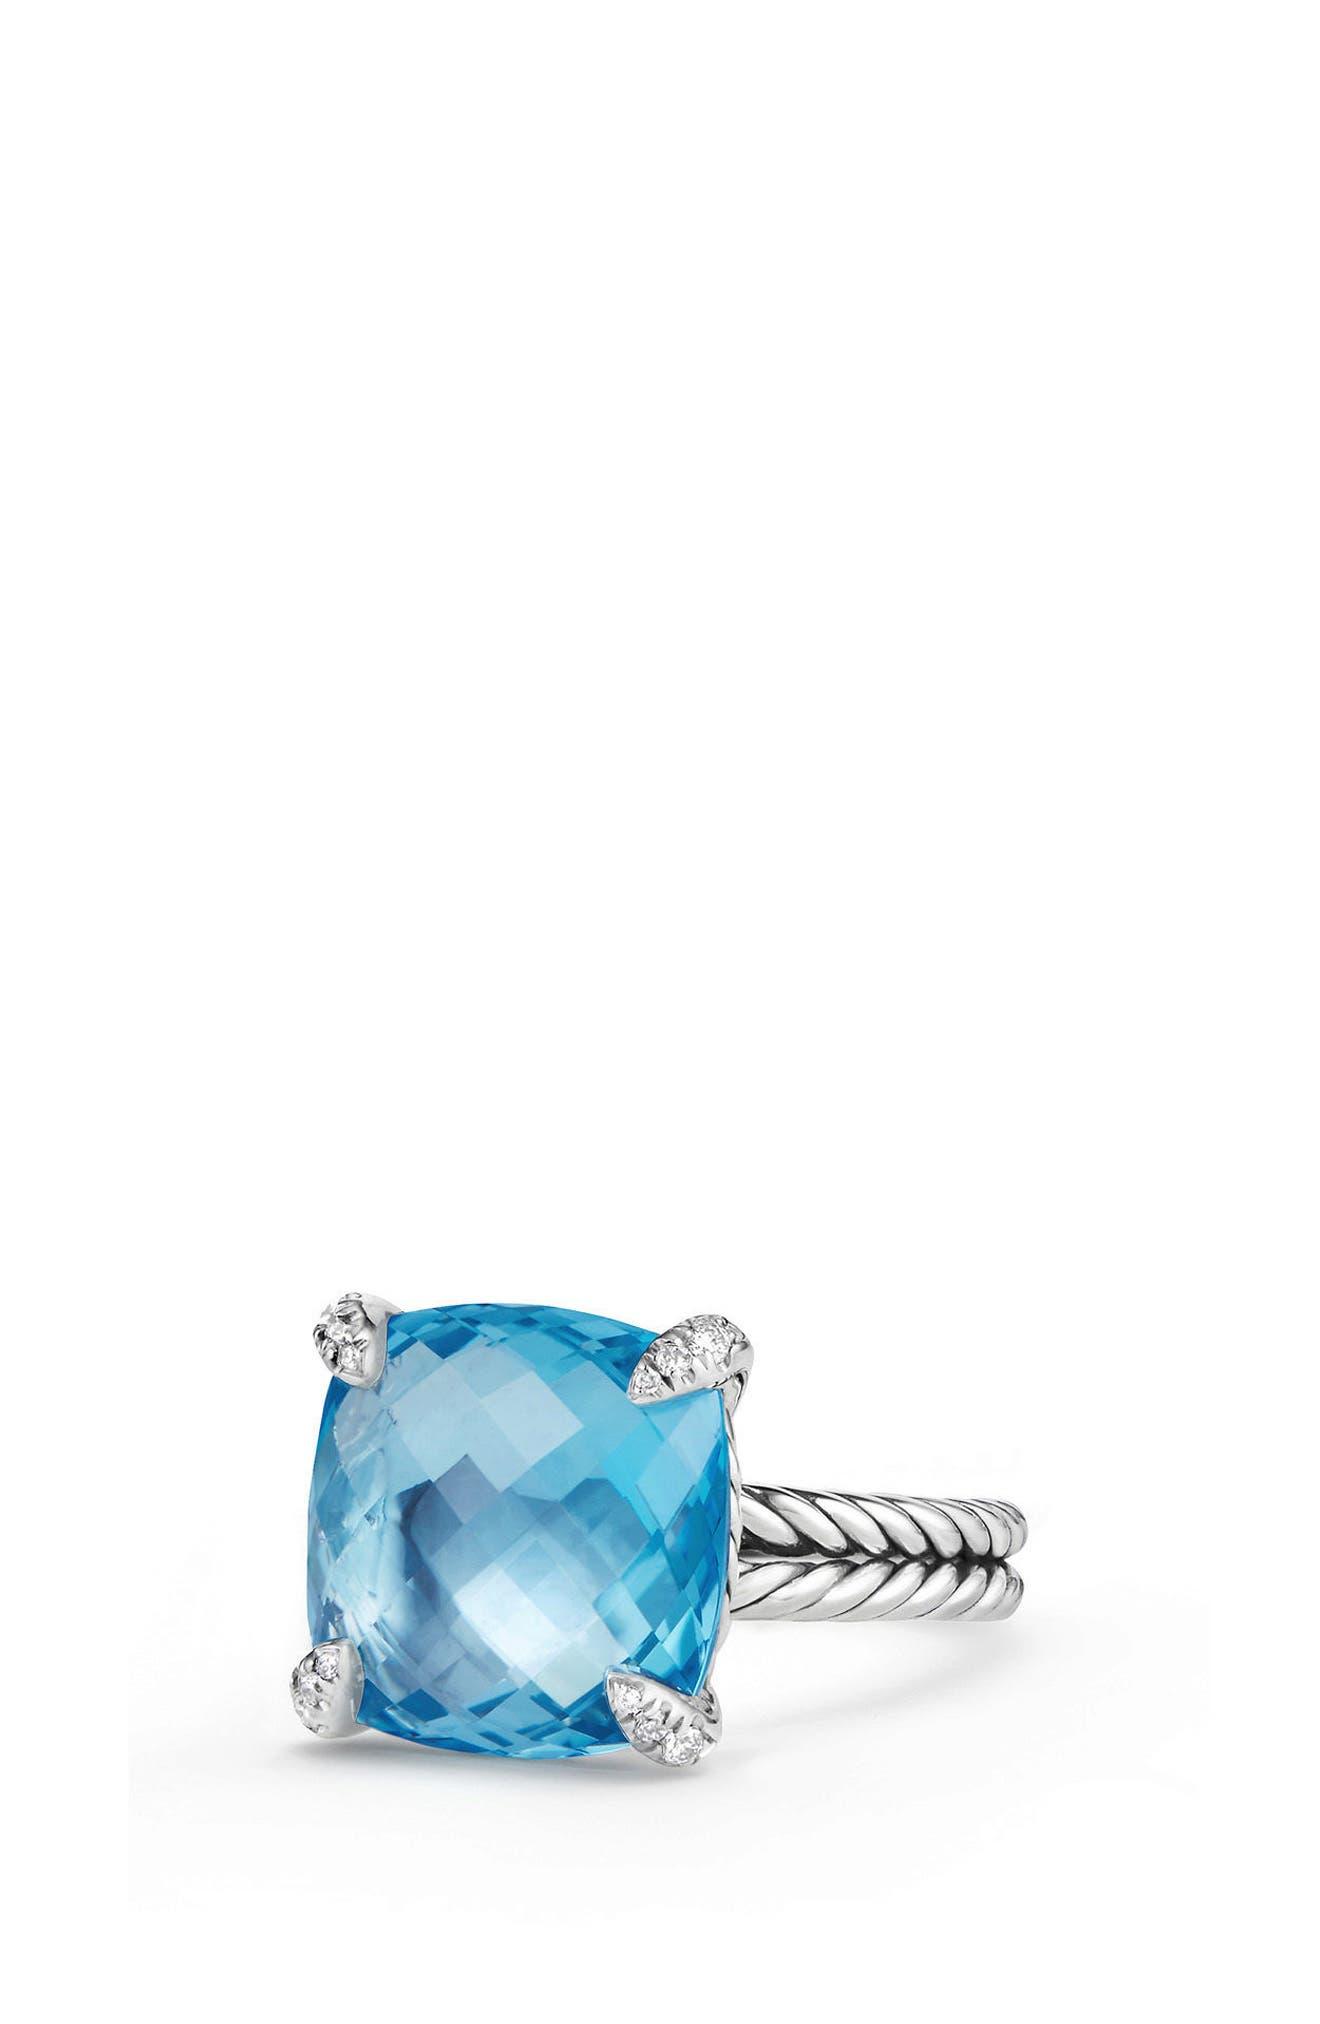 Alternate Image 1 Selected - David Yurman Châtelaine Ring with Semiprecious Stone & Diamonds